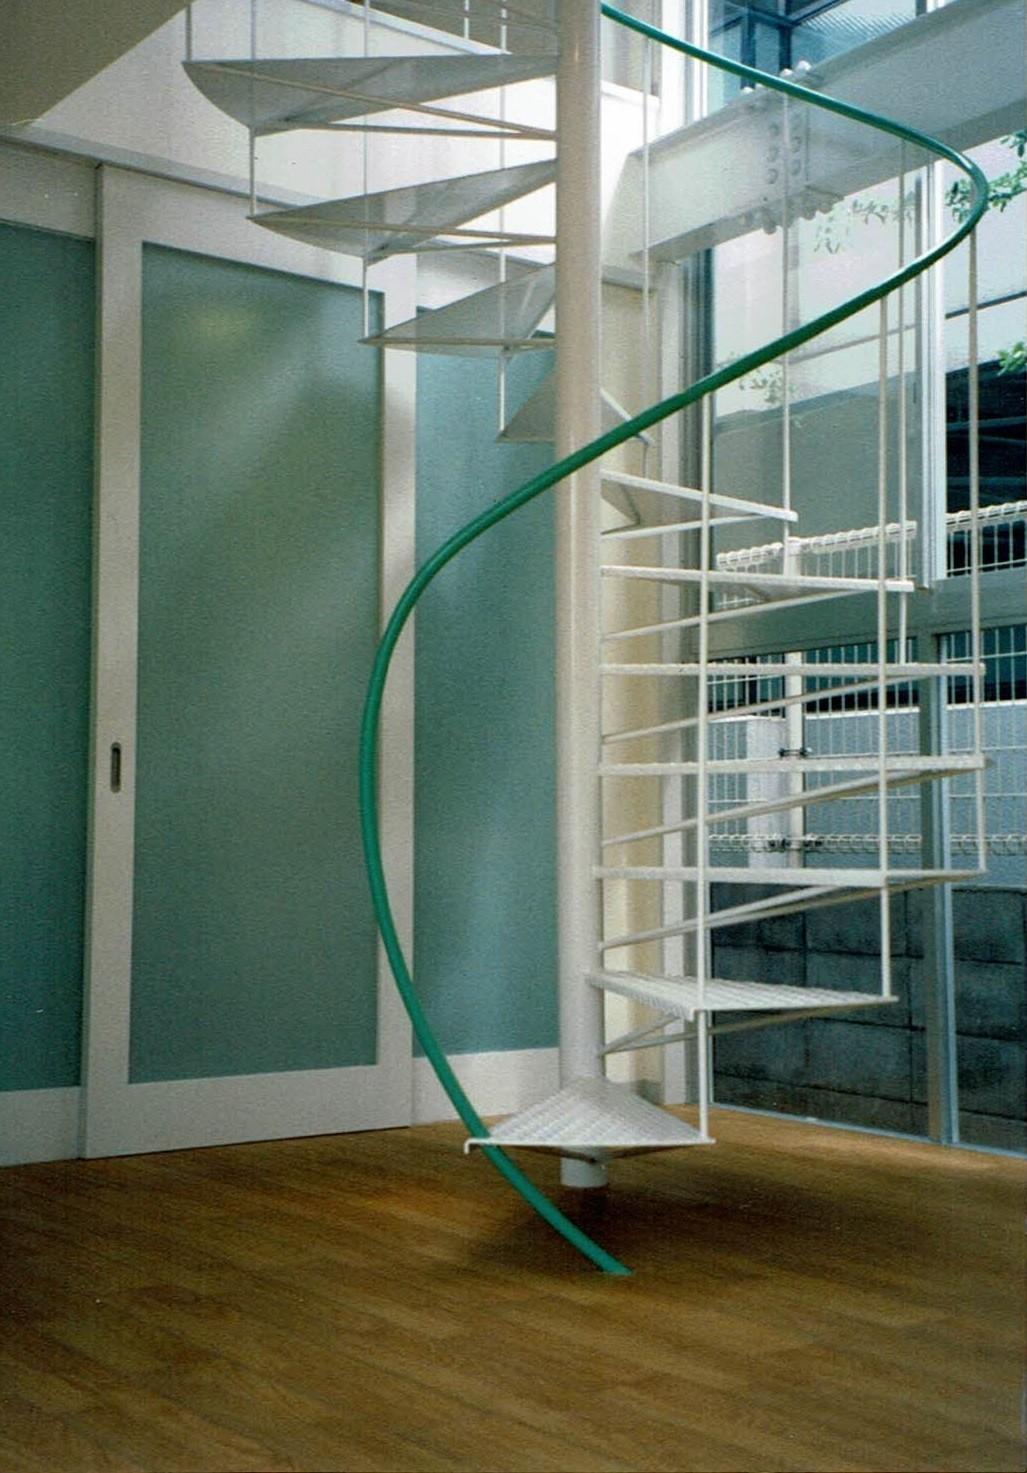 リビングダイニング事例:1階 らせん階段(ポップなカラーの子供が楽しむ鉄骨構造の狭小住宅(Kid`s House):天井が高い住まい)